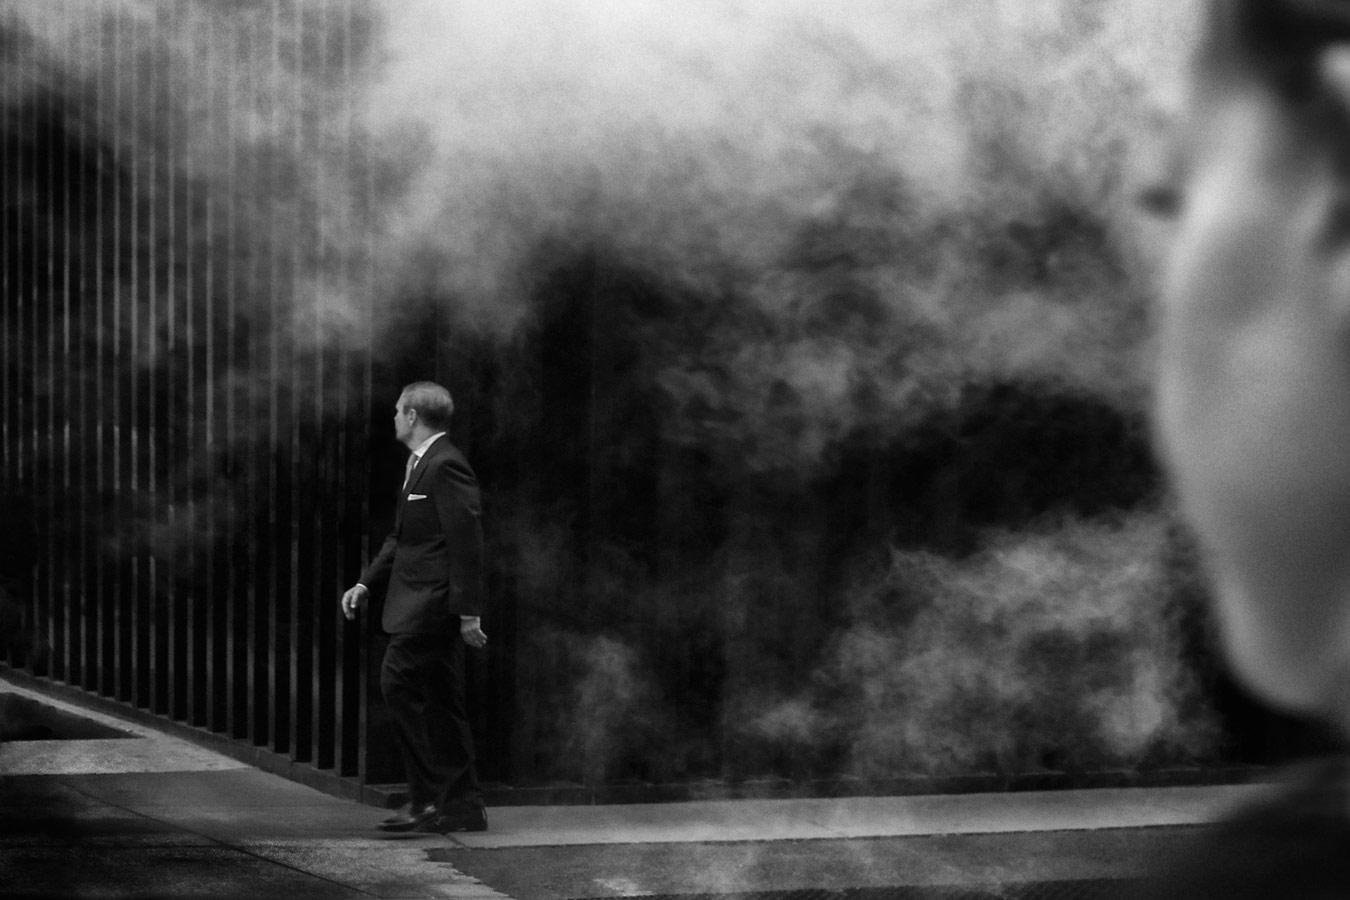 Паровые системы, © Мелисса Брейер, Бруклин, Первое место в категории «Уличная фотография» : Любитель, Гран-при конкурса, Конкурс фотографии «Перспективы» — Perspectives PhotoPlus Expo